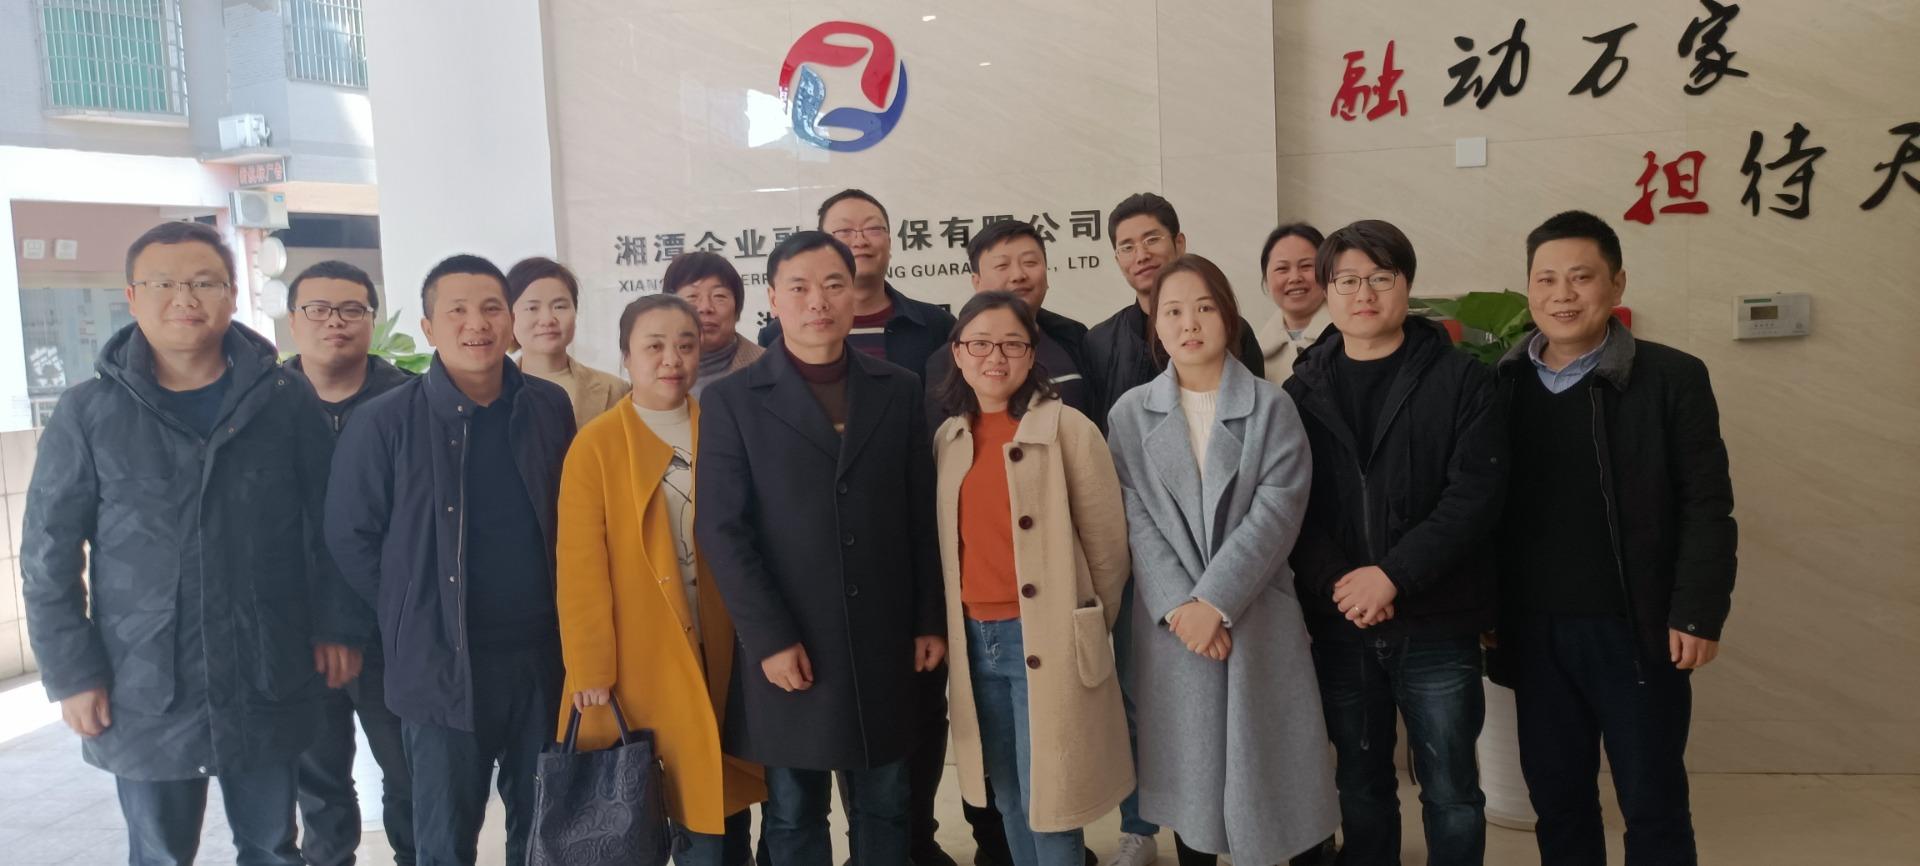 陳正陽到湘潭擔保長沙、湘鄉分公司調研